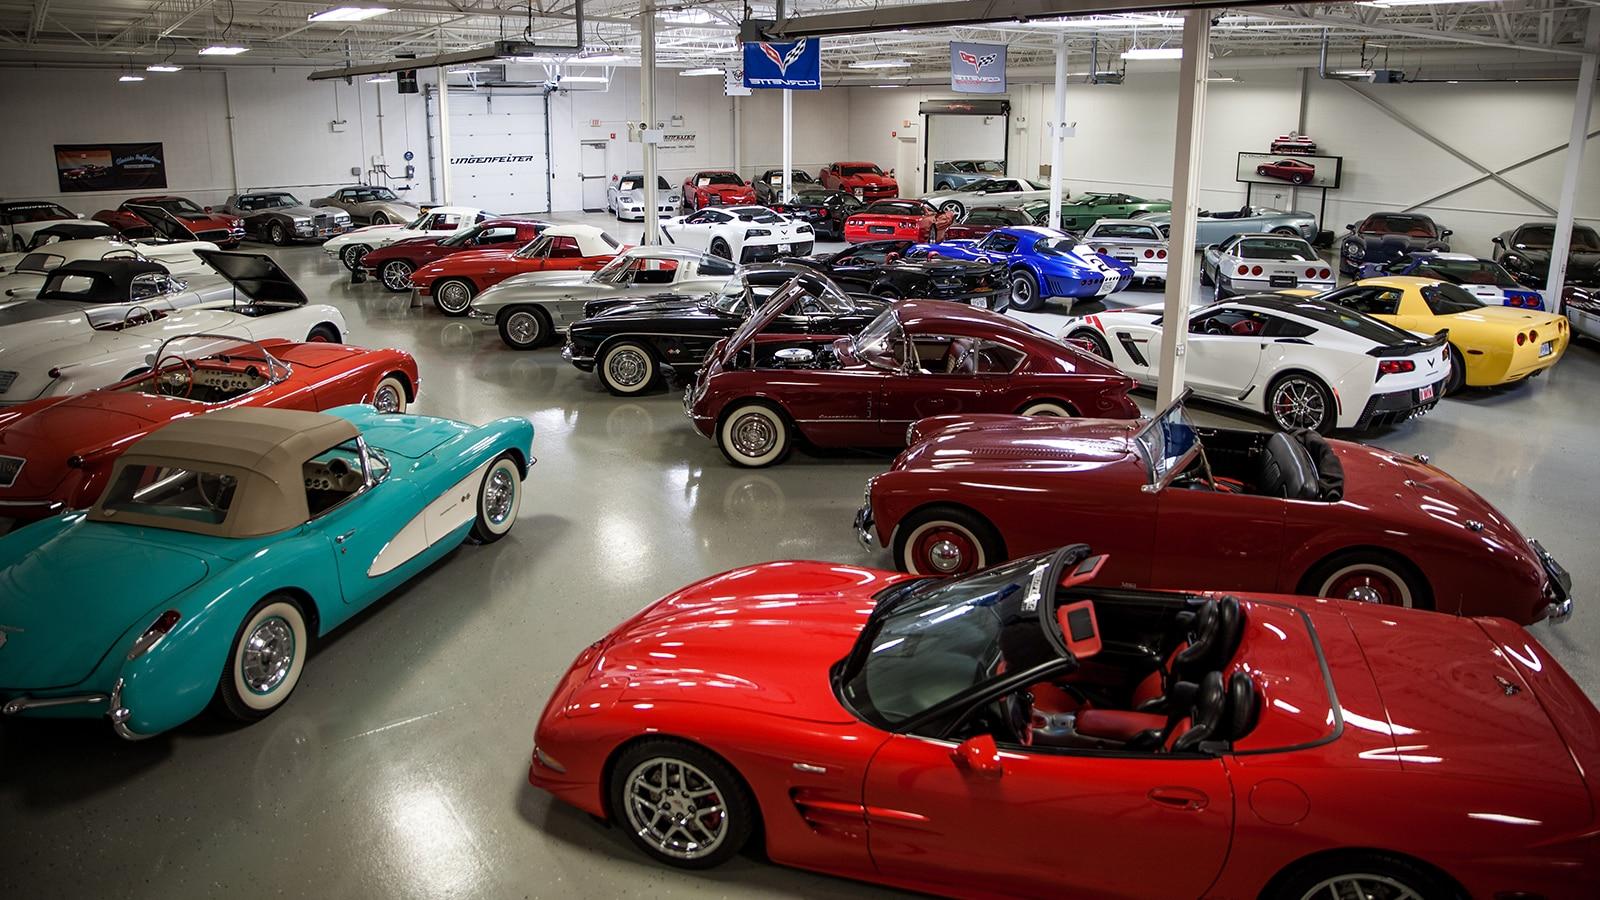 Corvette antiguos y modernos entre otros vehículos en la colección de Ken Lingenfelter.